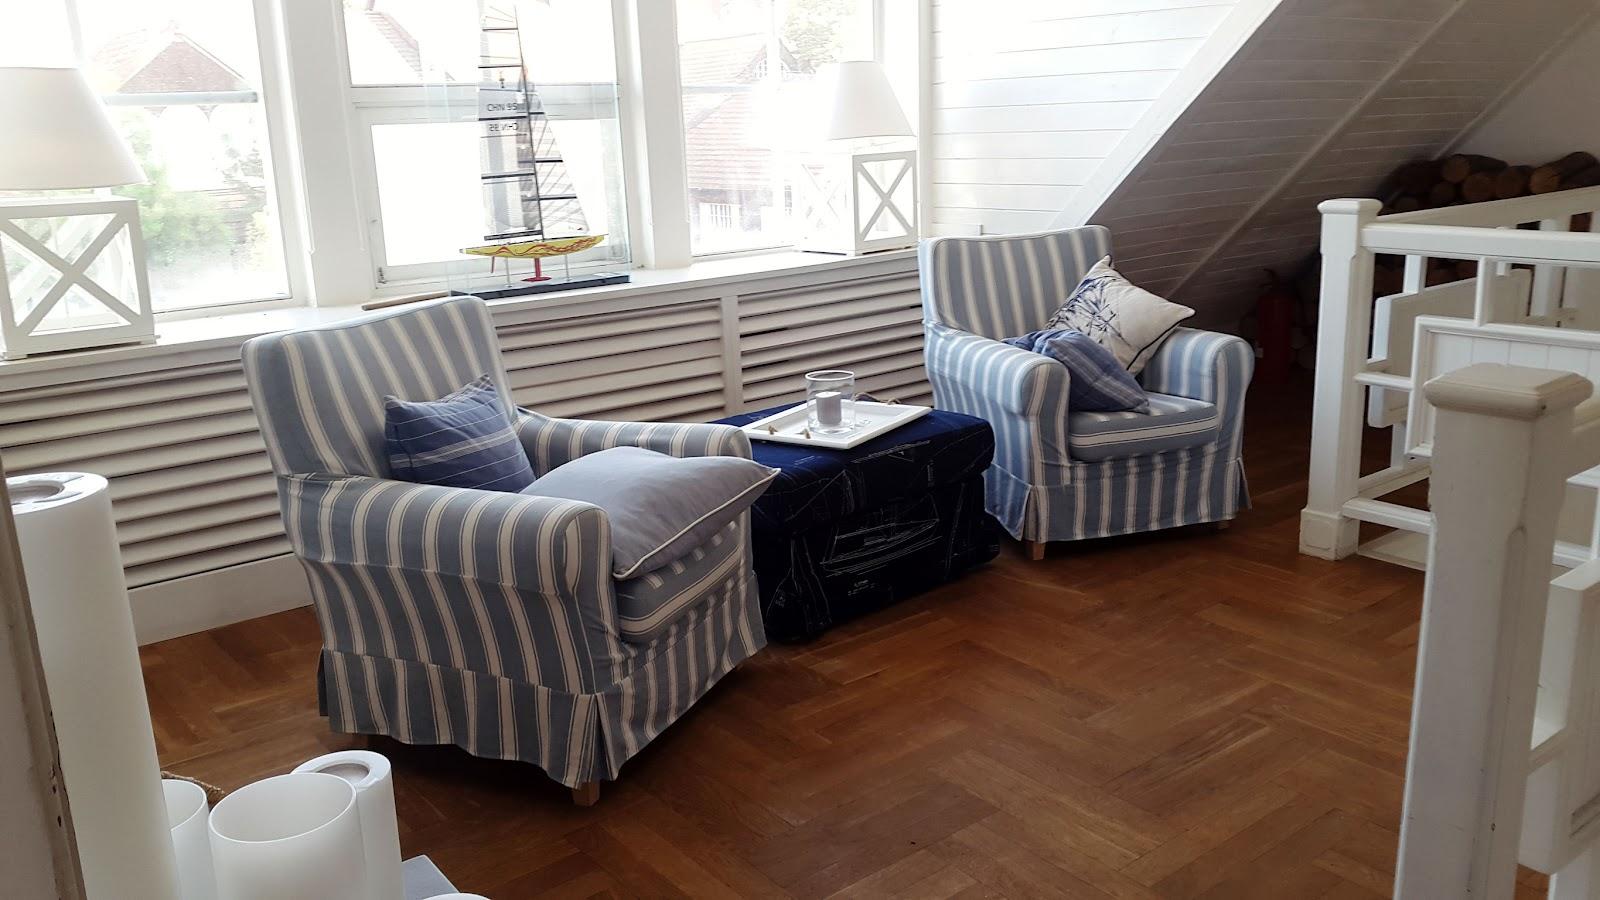 Restauracja White Marlin w Sopocie,Strohhut, Summer, Sommer, Polska, Polen, maritim style, interior, hafen